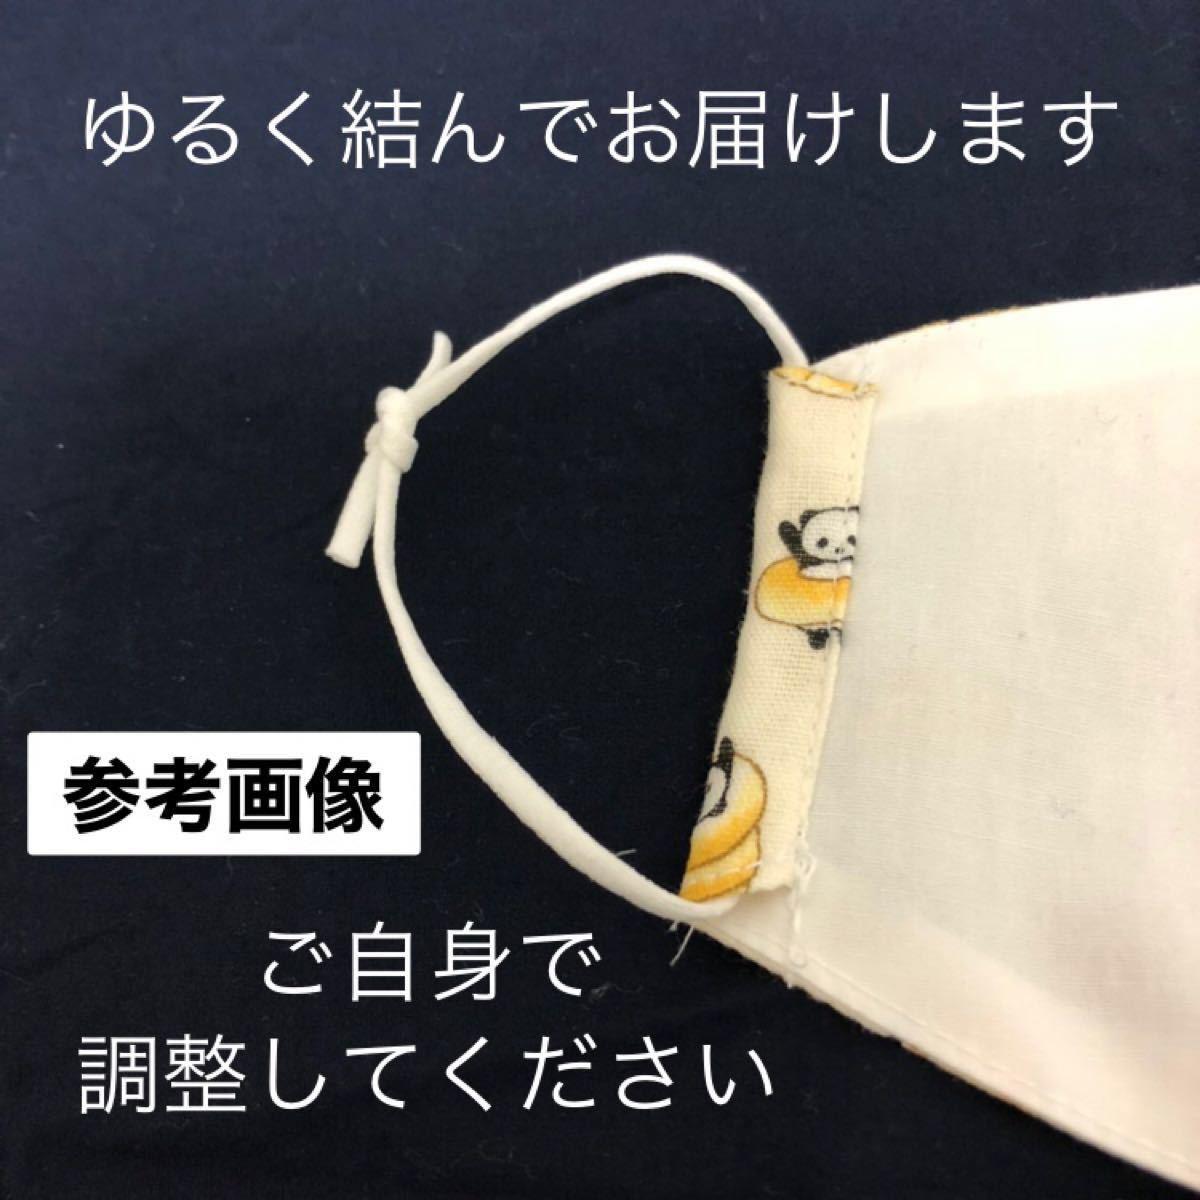 立体インナー 幼児サイズ 鬼滅の刃 みつり 【受注生産】